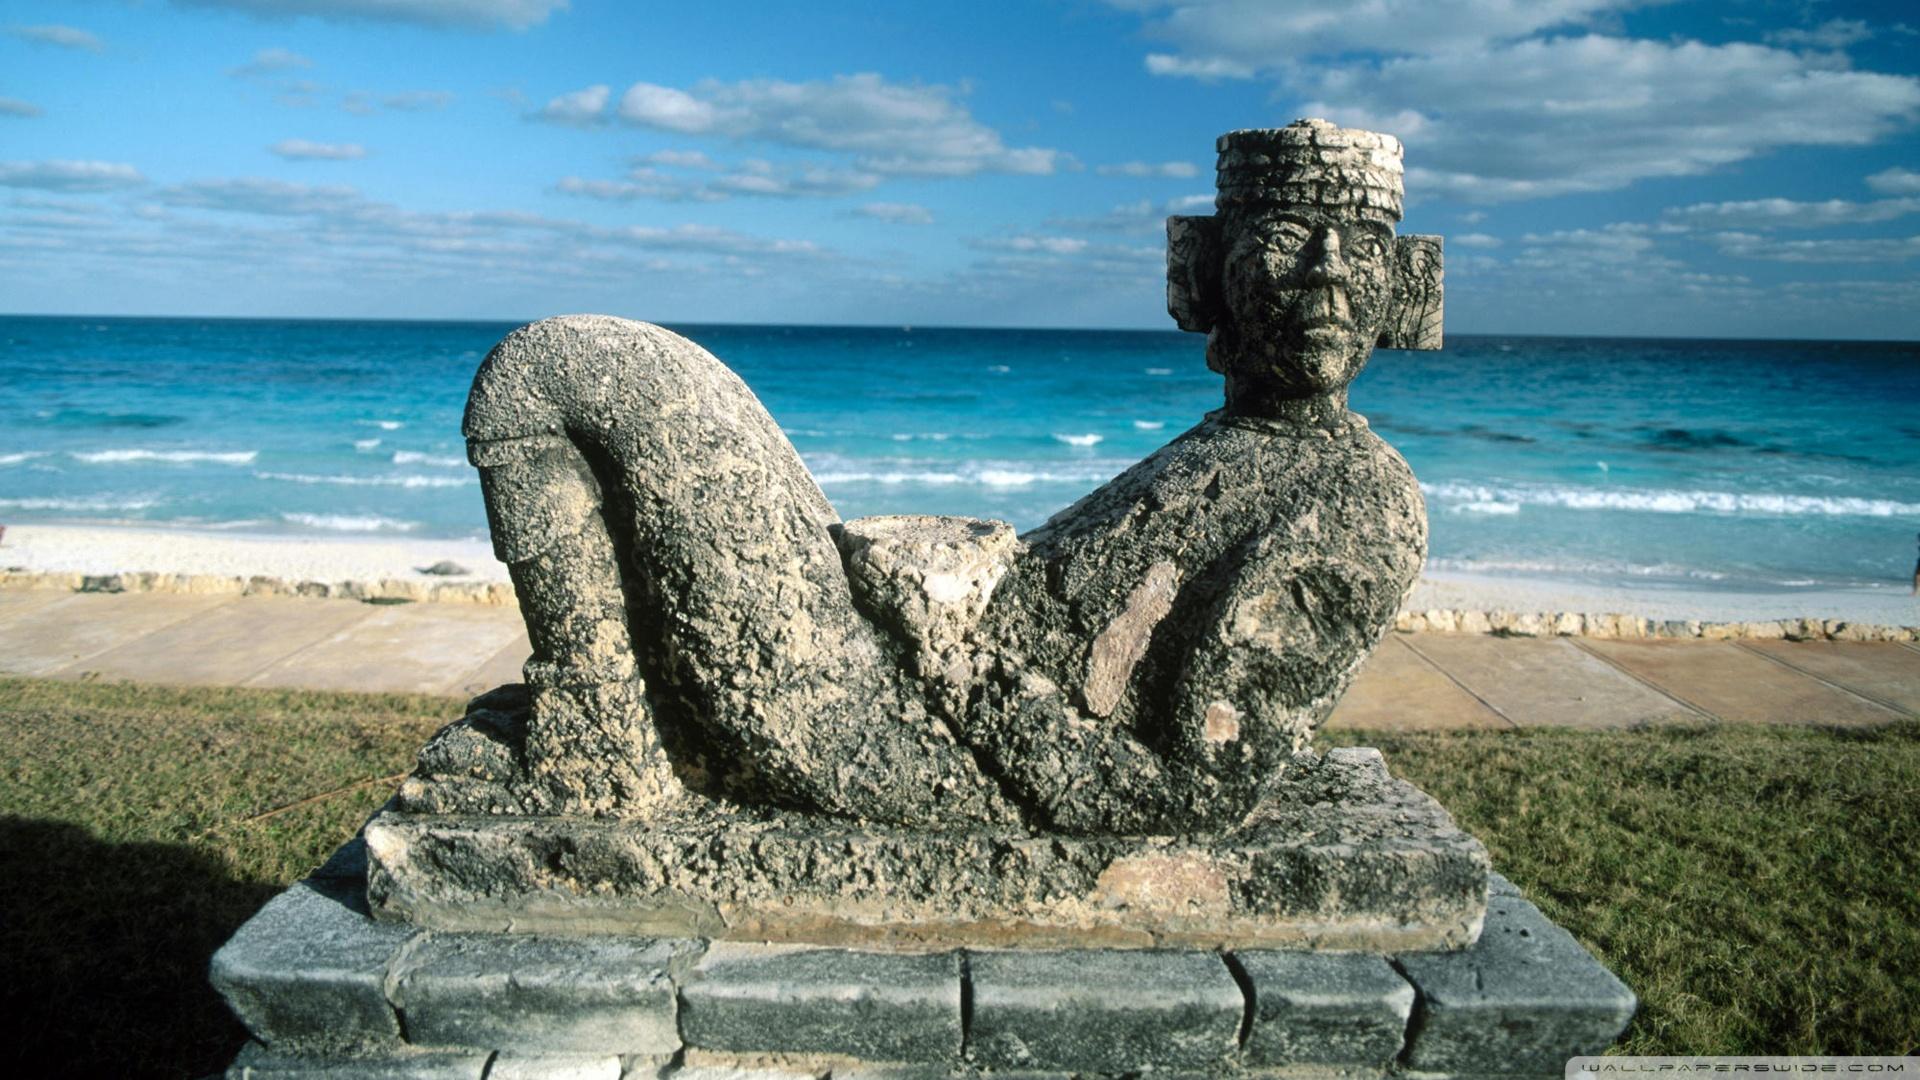 Wallpaper Hd De Cancun: Todo El Turismo En México